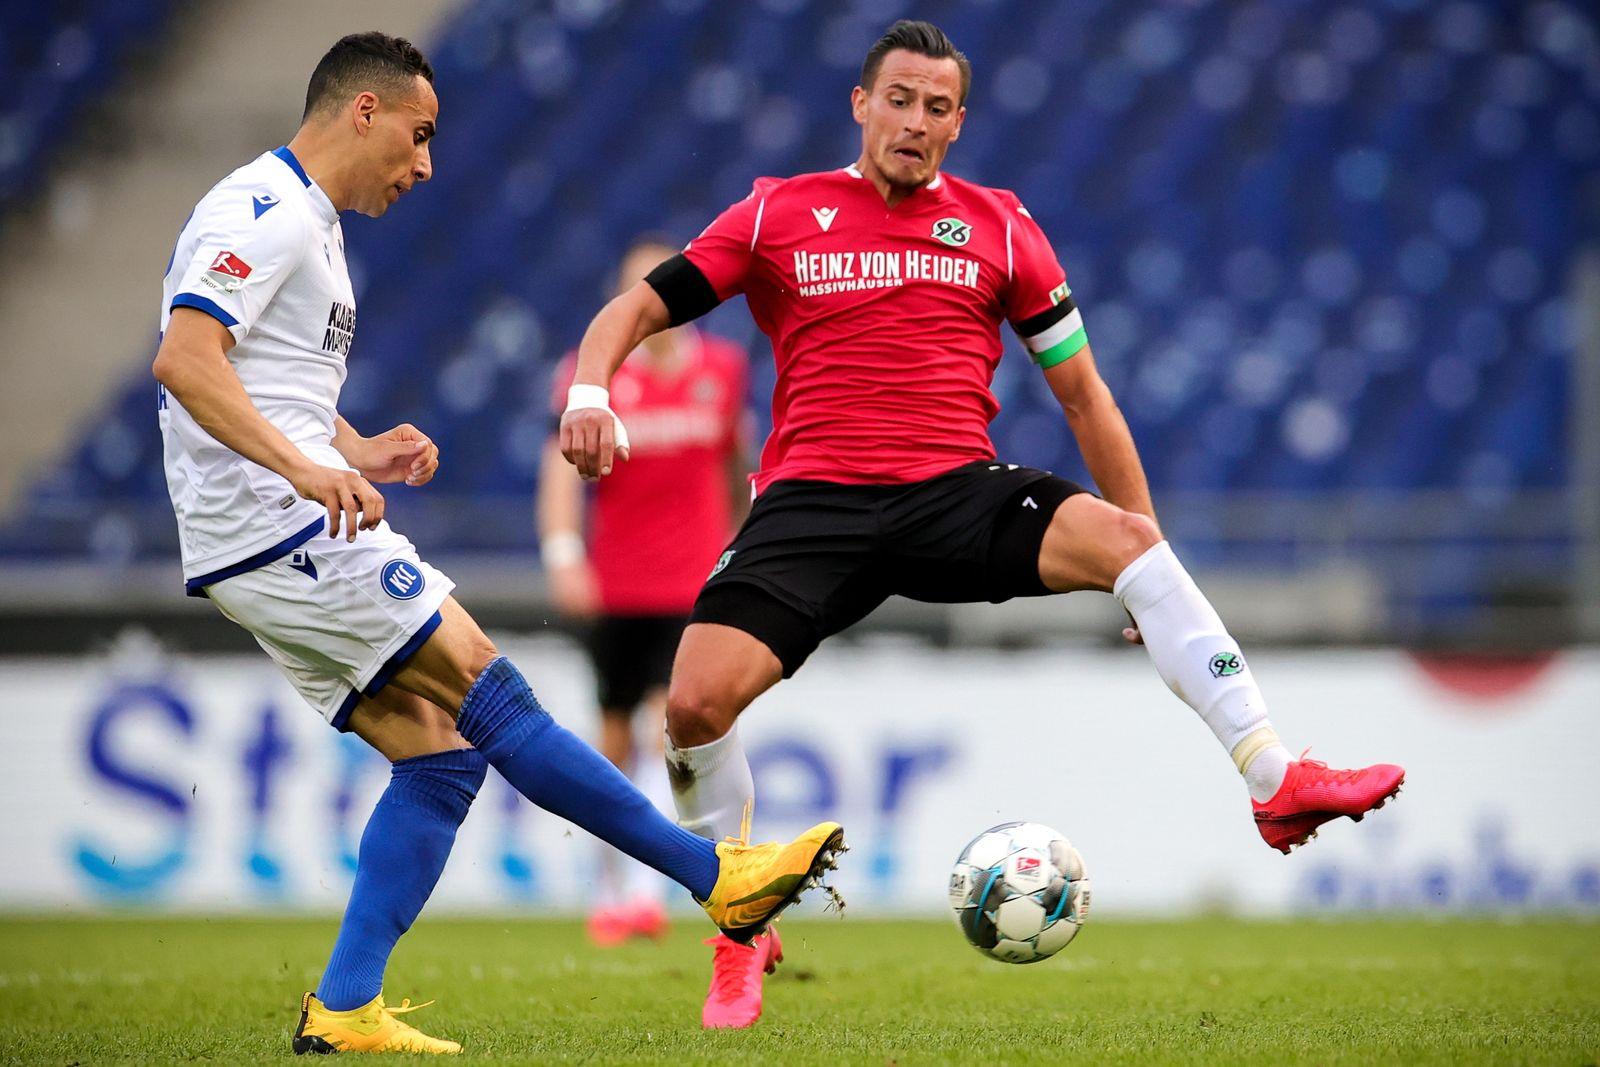 Hannover 96 vs Karlsruher SC, Hanover, Germany - 27 May 2020